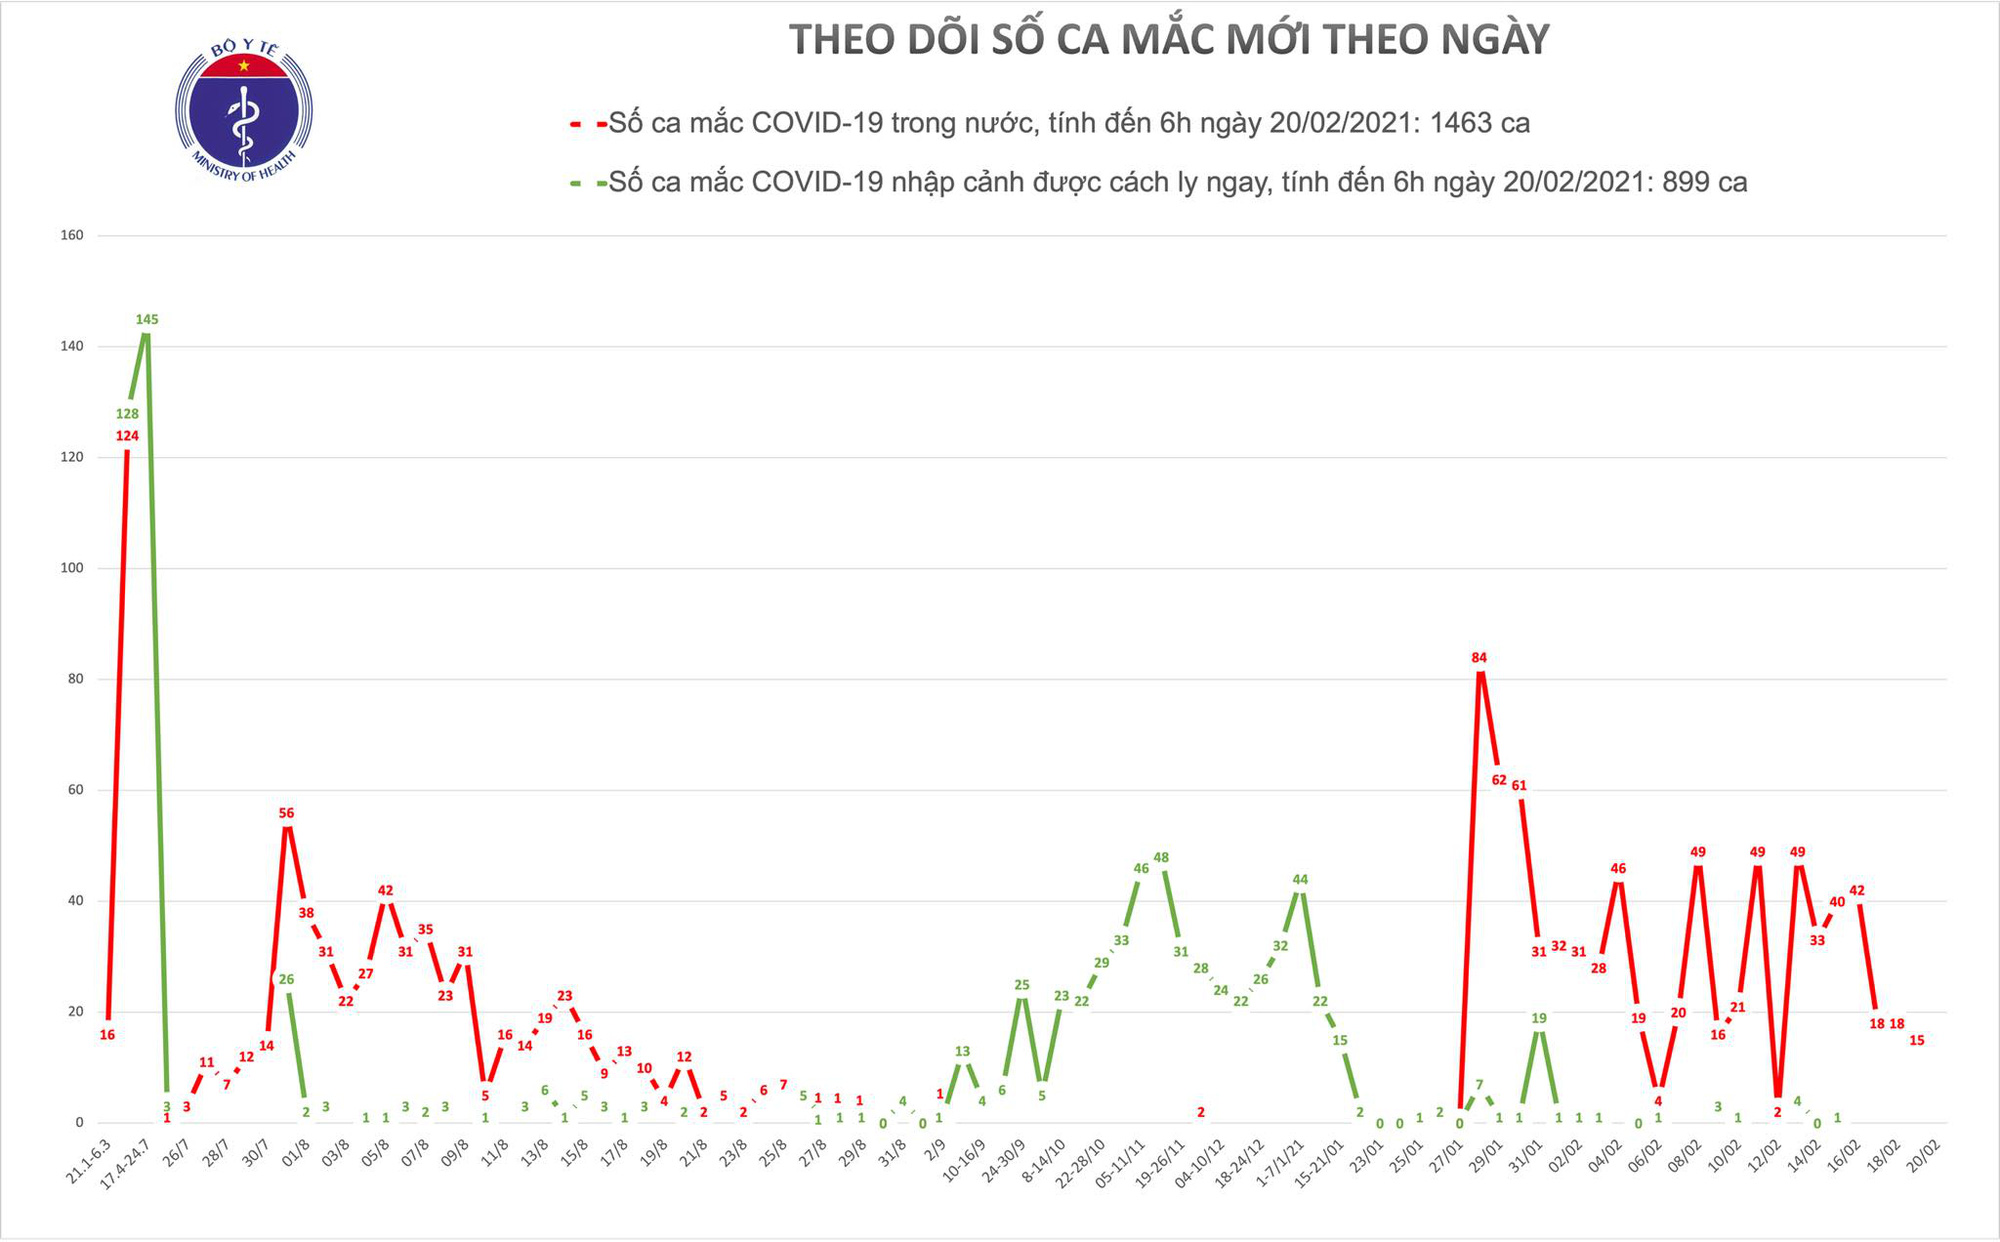 Thêm 1 buổi sáng không có ca Covid-19 mới, Việt Nam có 4 biến chủng virus corona - Ảnh 1.